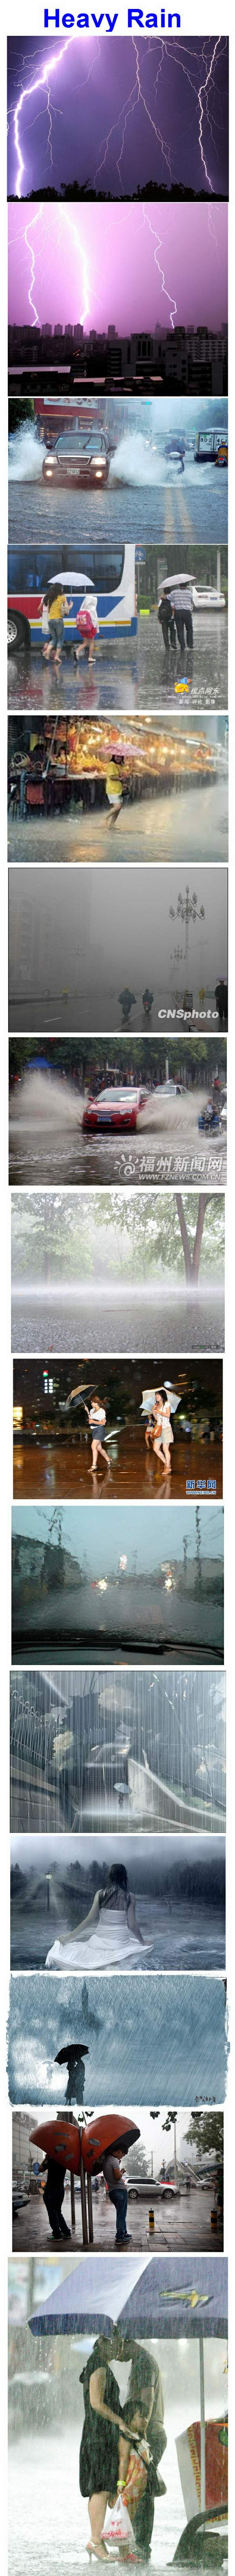 Heavy Rain-01